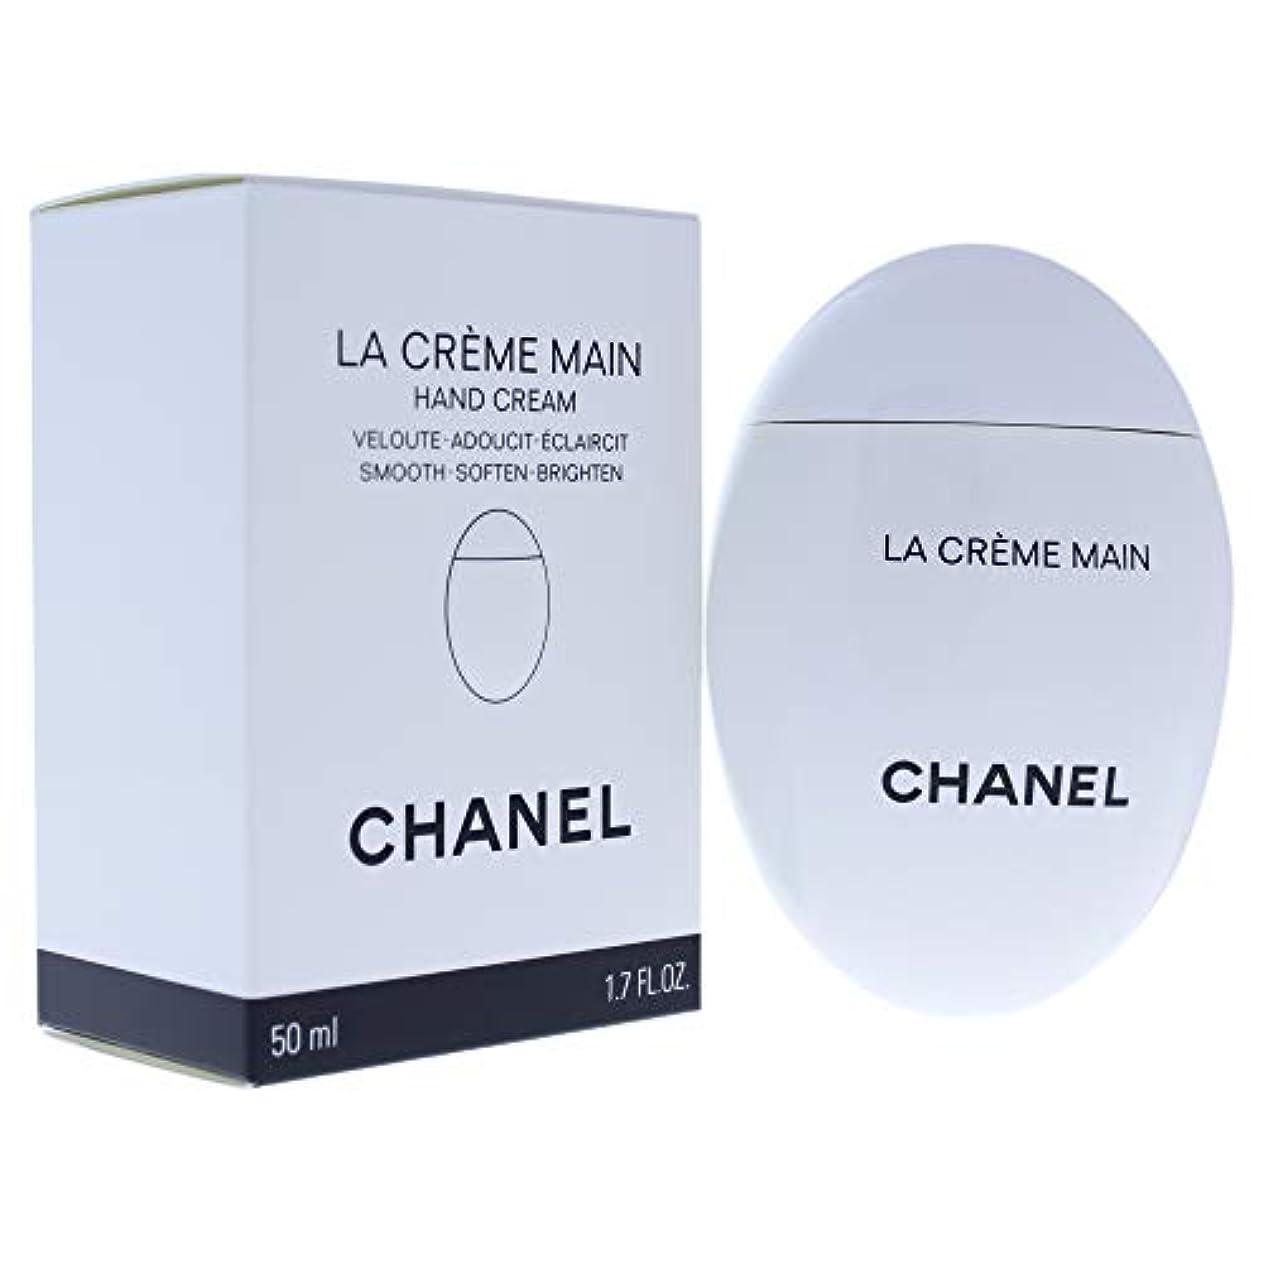 不名誉デイジー拒否CHANEL LA CRÈME MAIN シャネル ラ クレーム マン ハンドクリーム 50ml